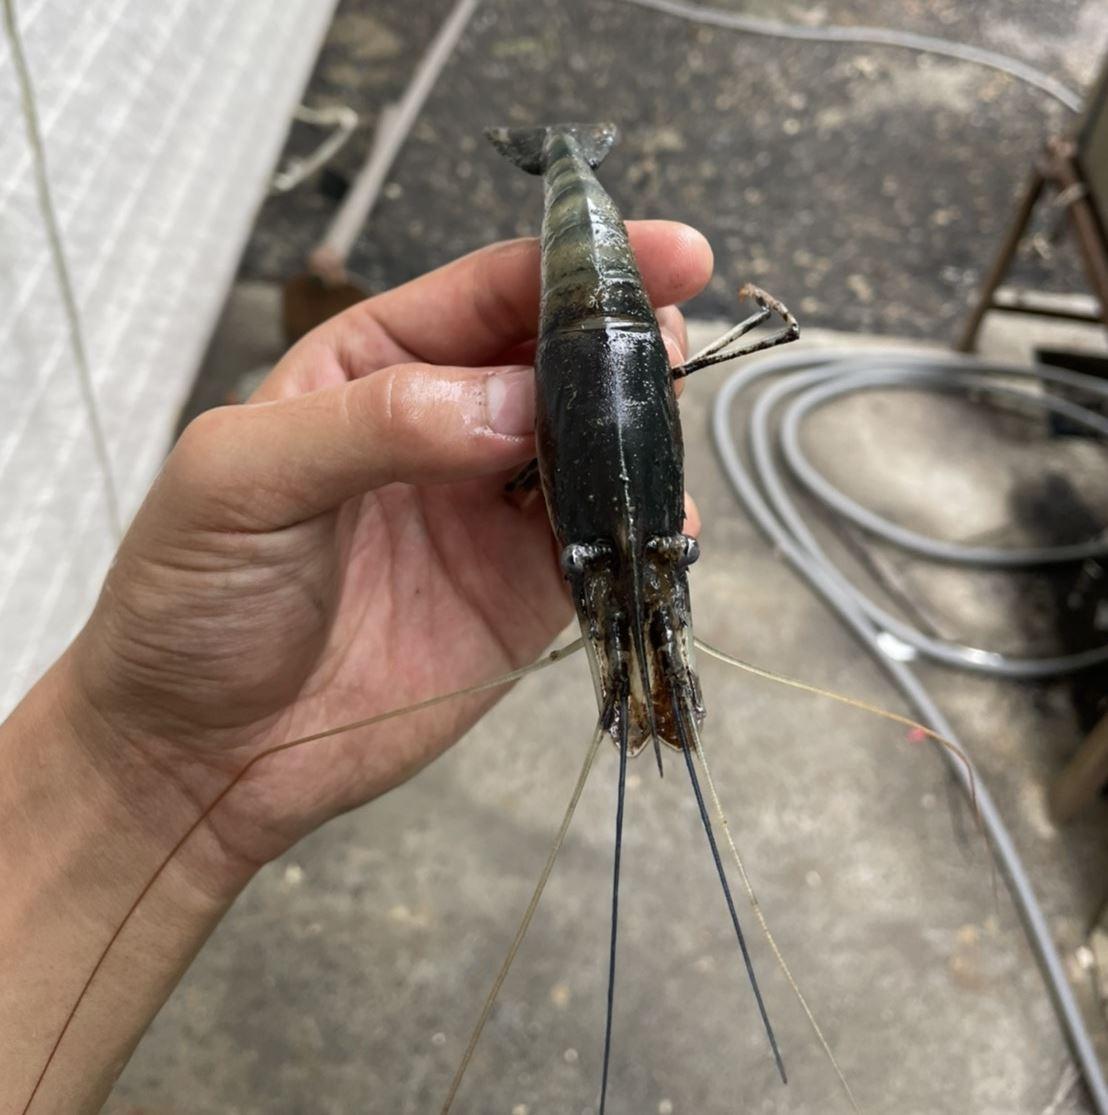 家中蝦池出現蝦頭內部上半邊呈現黑色,水質檢測中,酸鹼度、亞硝酸、氨數值皆為正常,不知道是不是微生物或病菌侵入蝦頭中?這種情況怎麼解決?